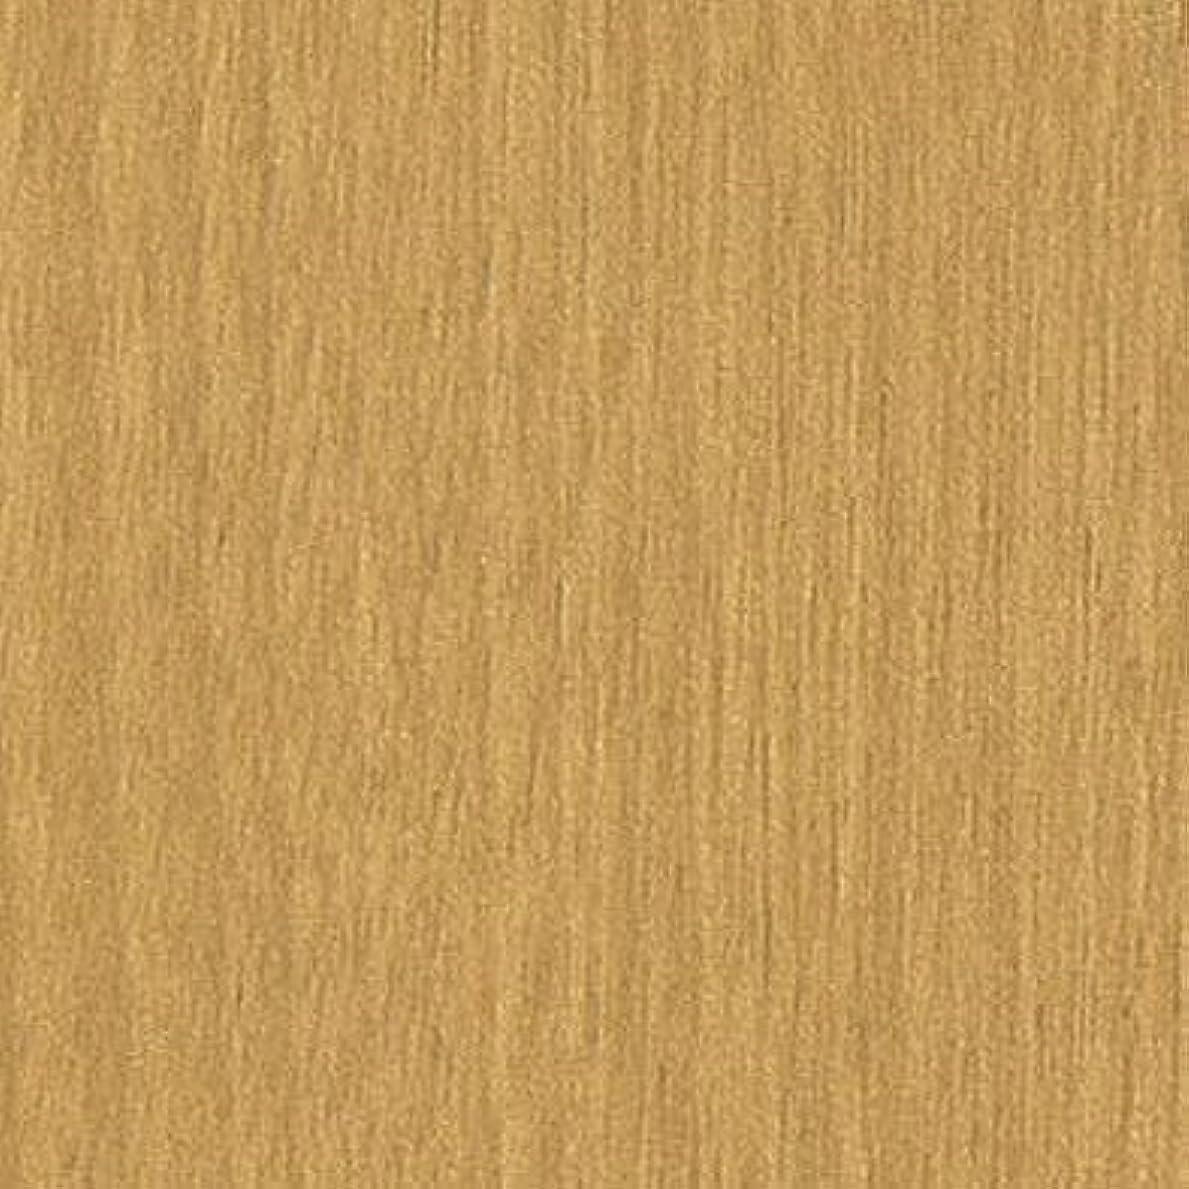 課すゆるい岩耐磨耗化粧合板 アイカマーレスボード 木目 BB-403 4x8 チェリー 追柾